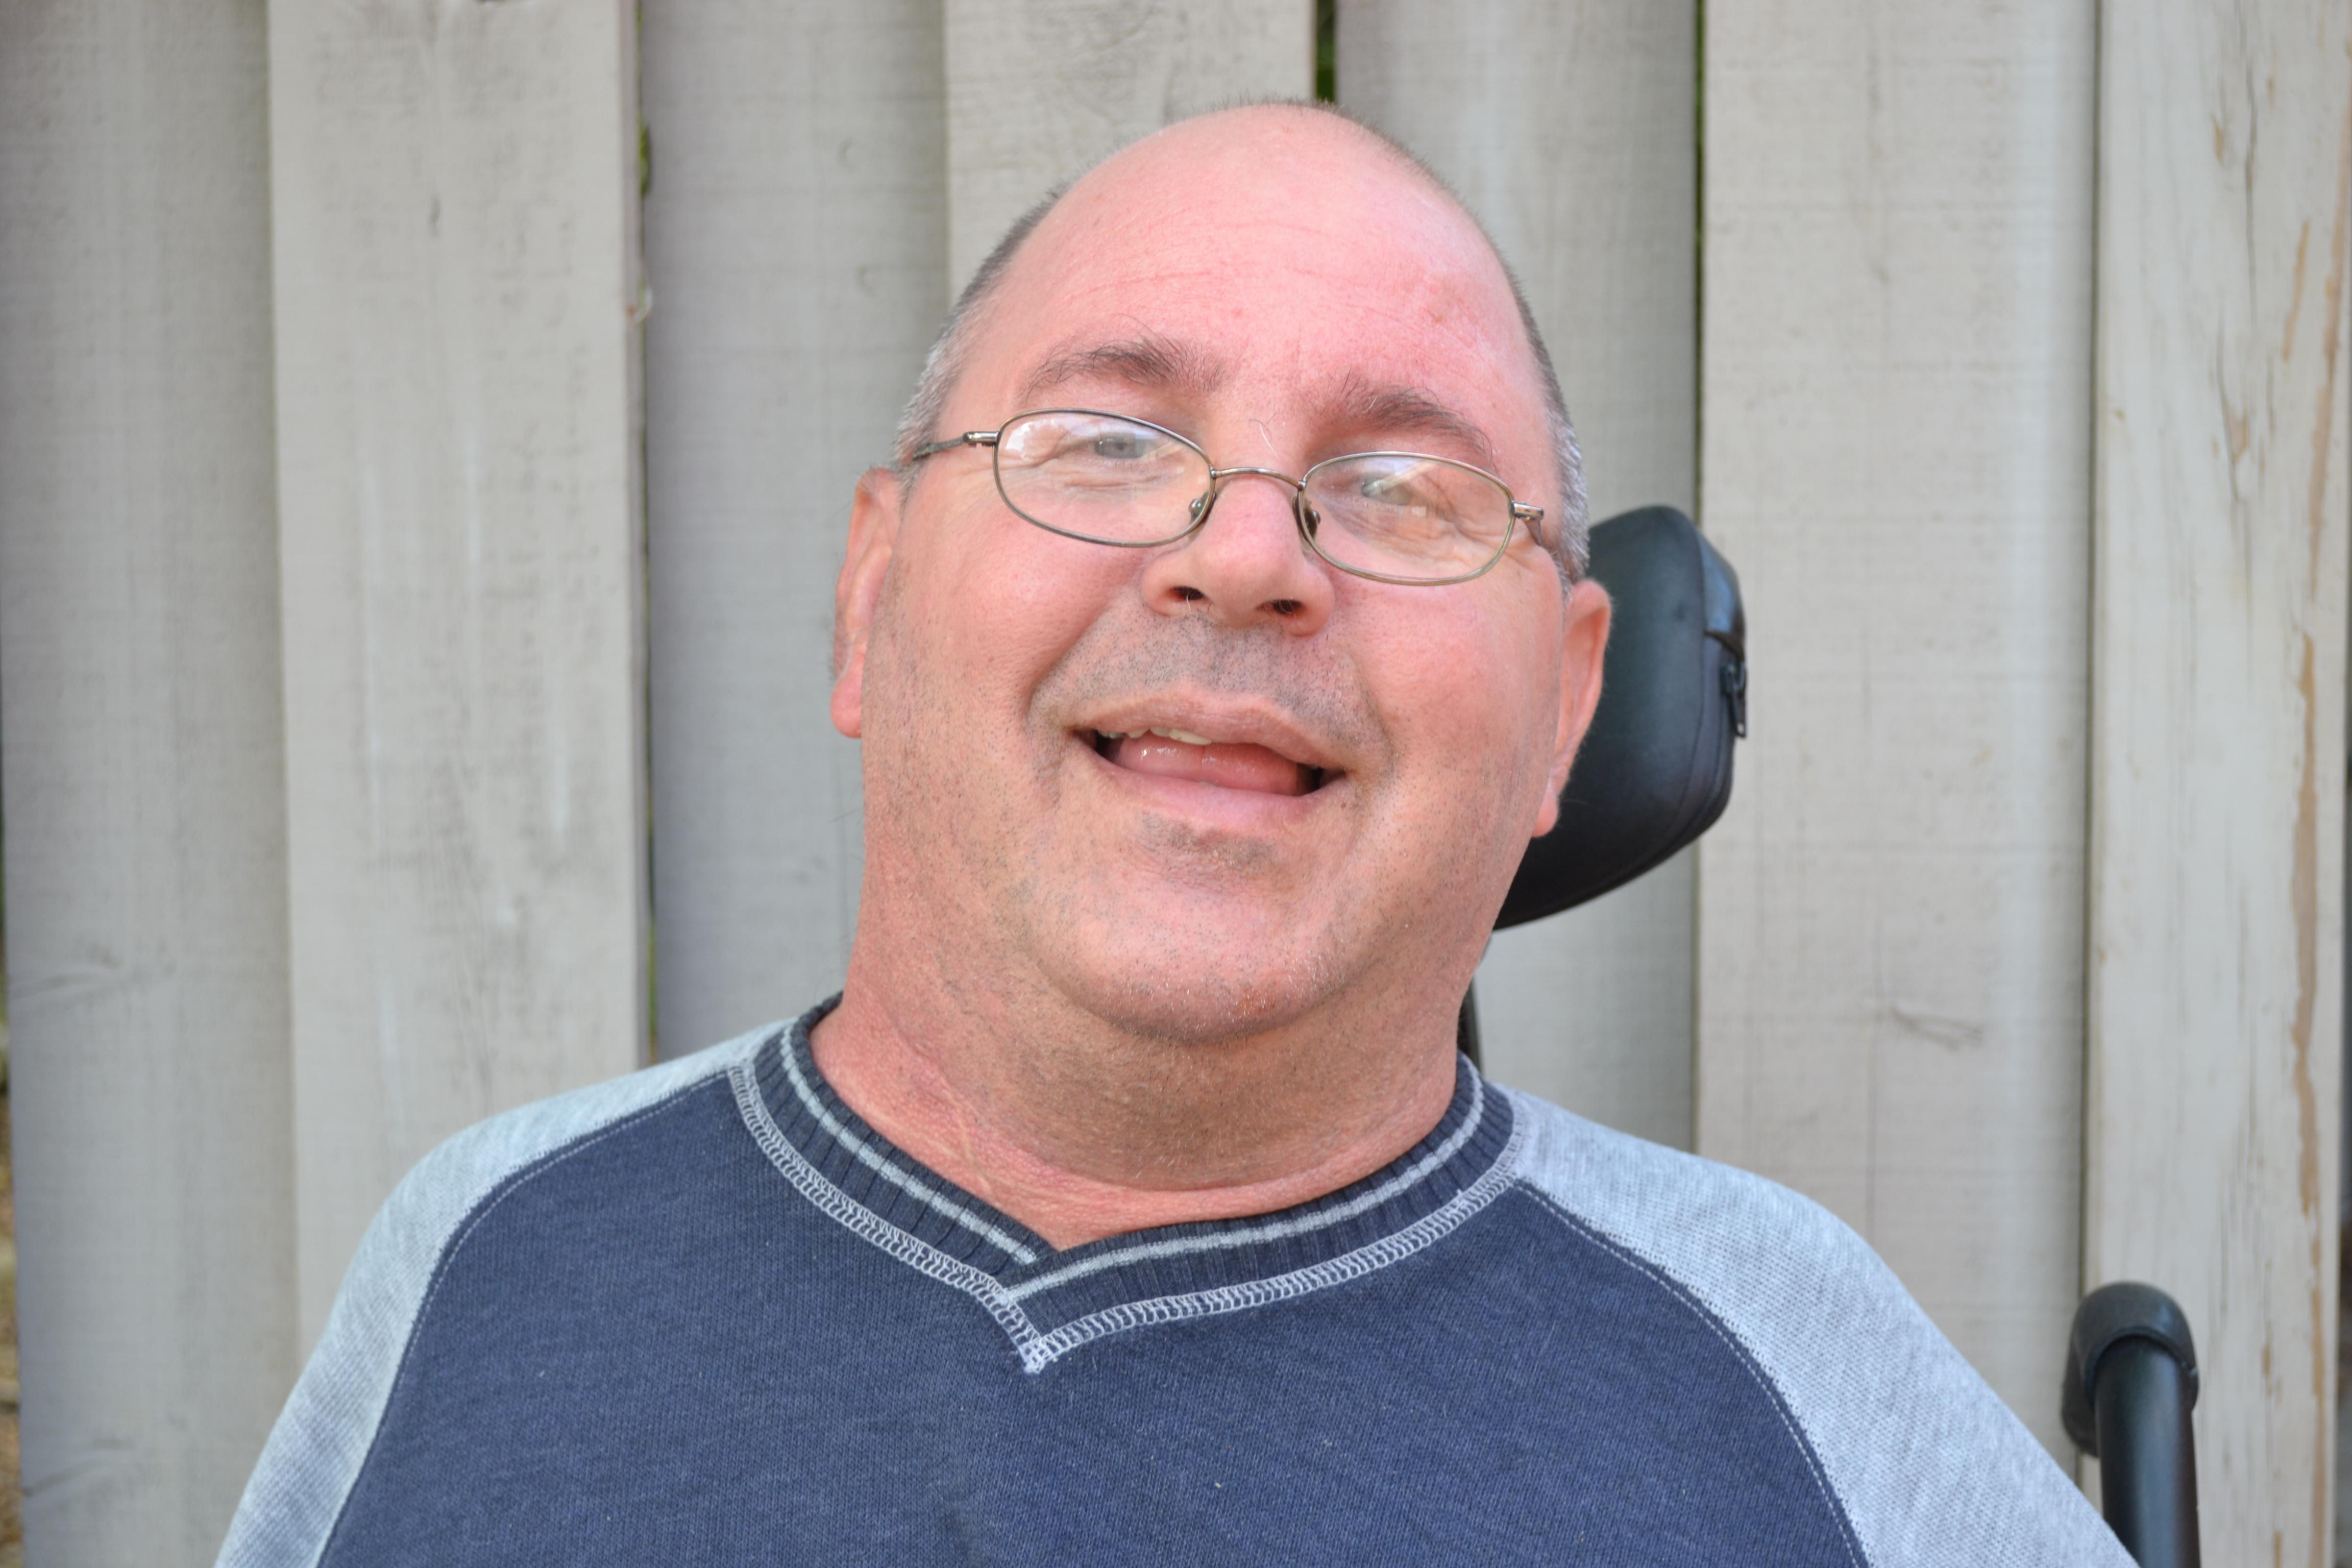 BCFR Board Member, Max Lewis